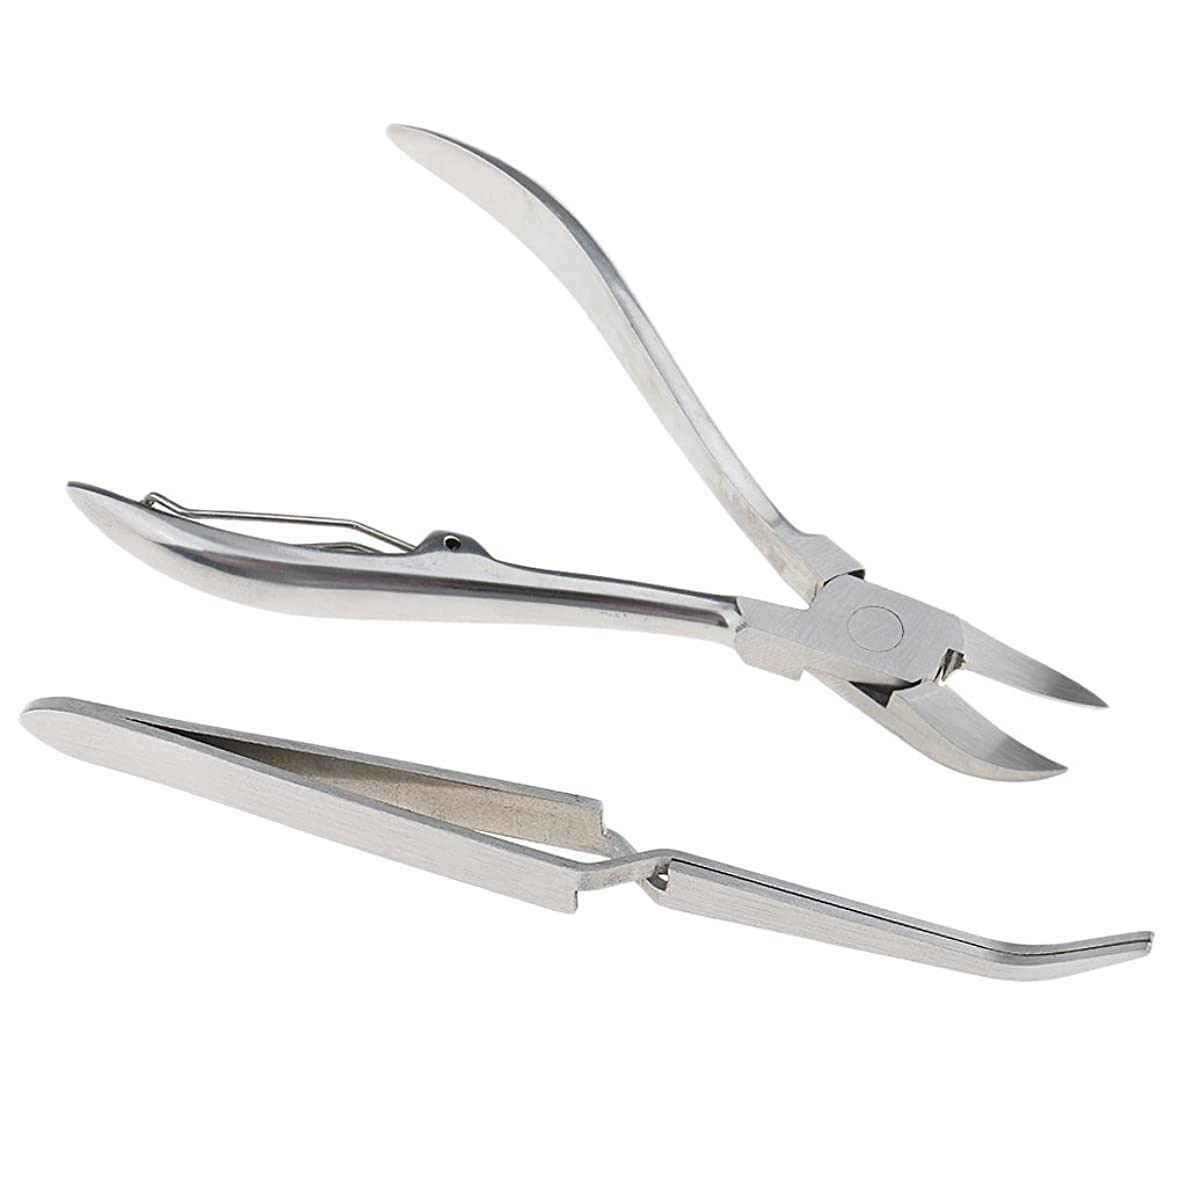 ホバー貨物針Perfk 2点セット 高品質 キューティクルニッパー ネイルツイーザー ネイルアート 多機能 ステンレス